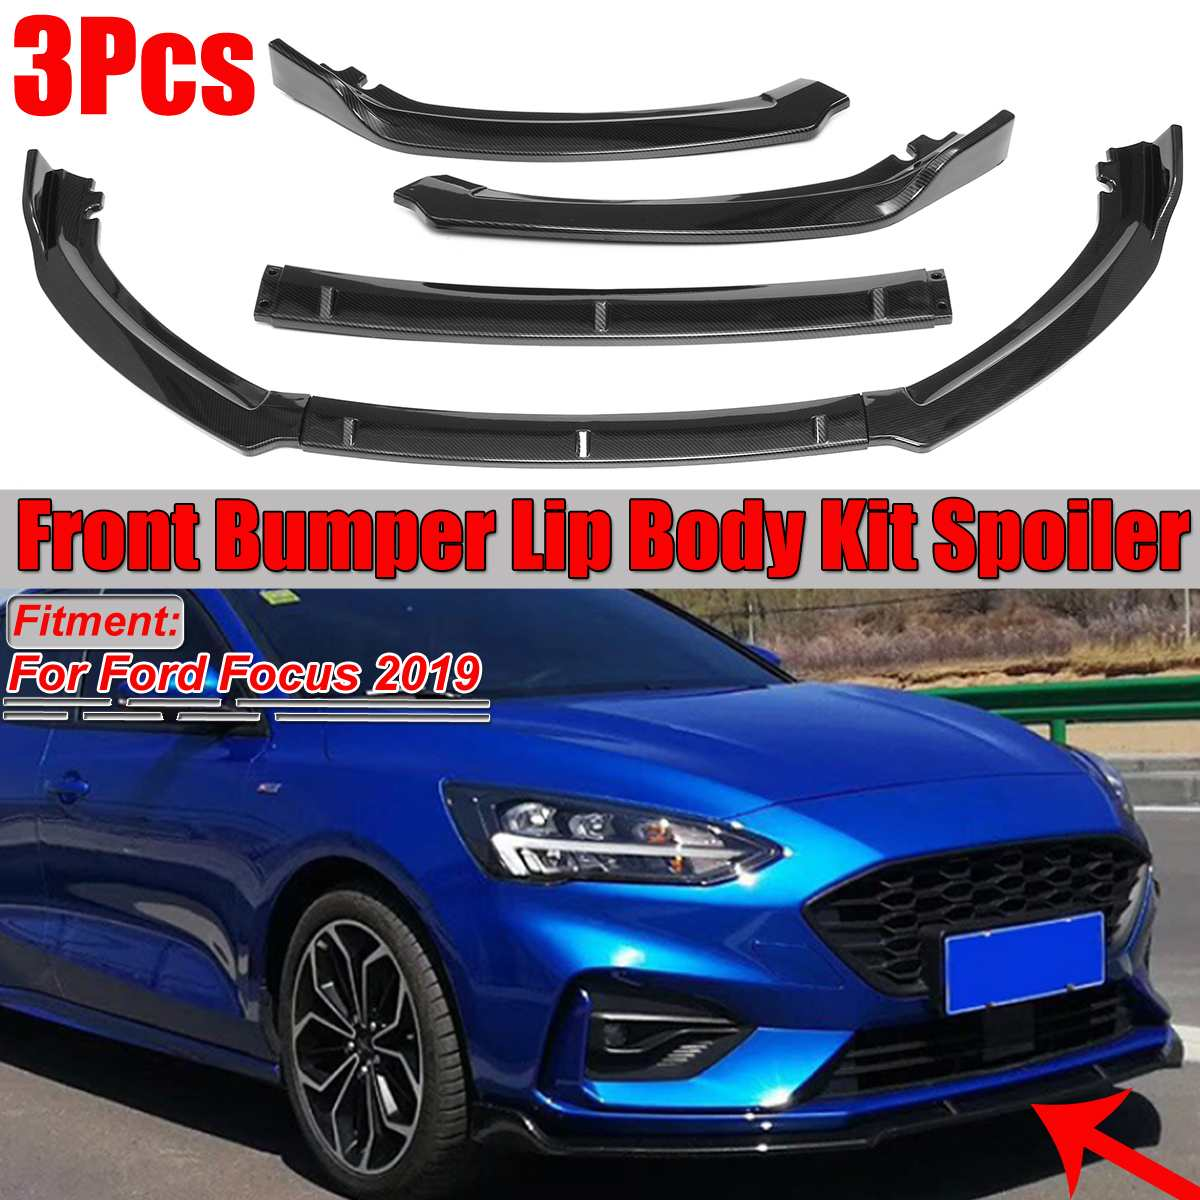 2019 olhar de fibra carbono/preto 3 peça do carro amortecedor dianteiro lábio splitter difusor proteção corpo kit spoiler para ford focus 2019